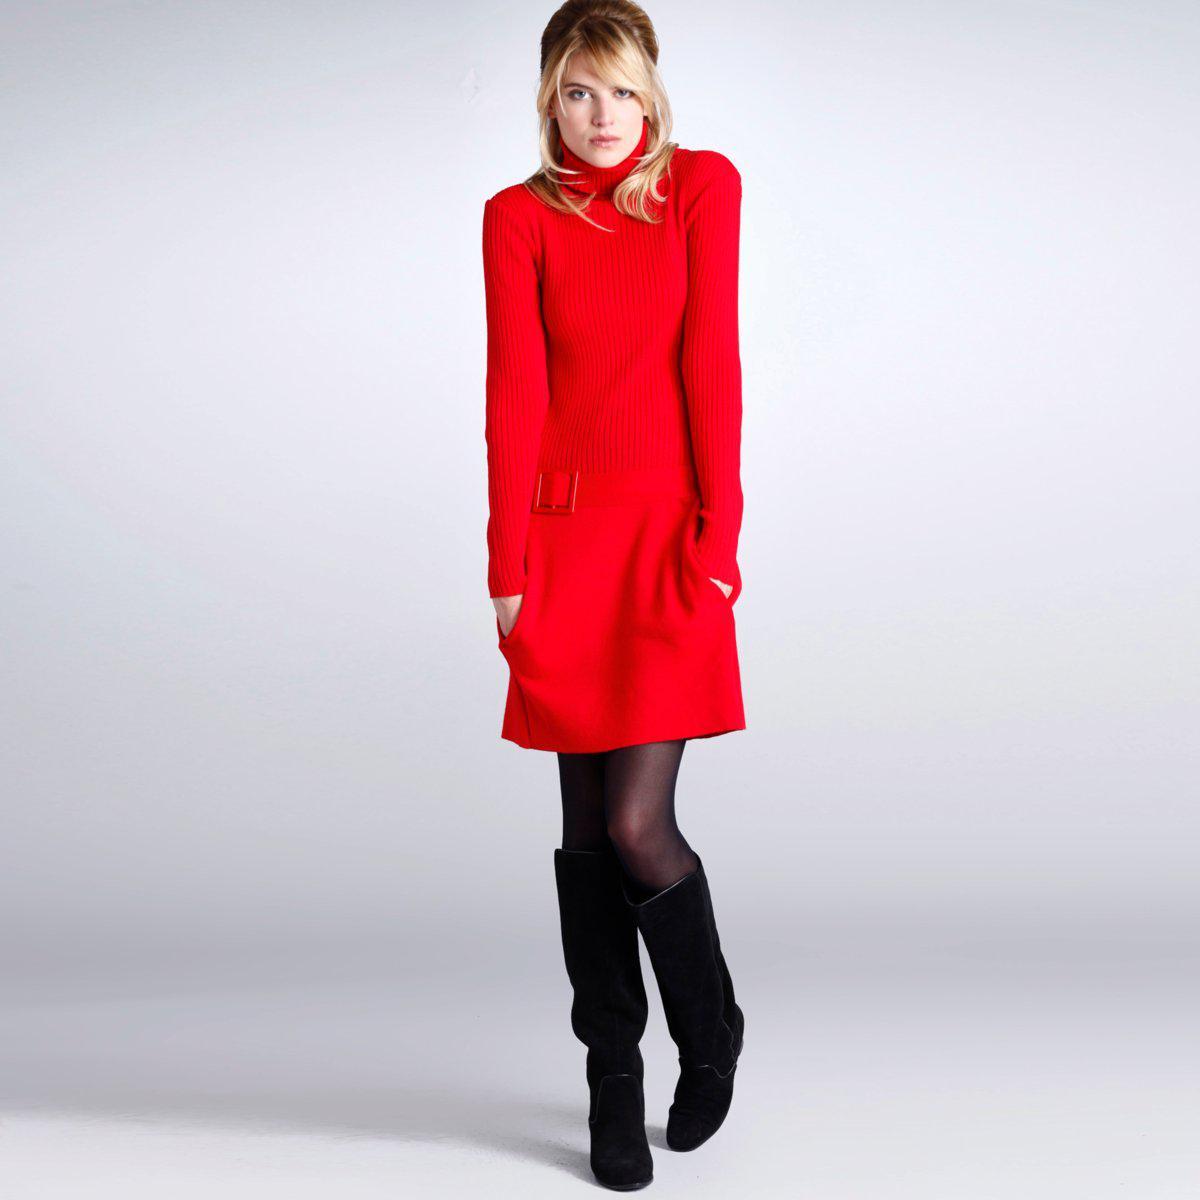 4eb4b6f5ea5b Βραδυνα Φορεματα LaRedoute Φθινόπωρο 2011 Κωδ. 324245283